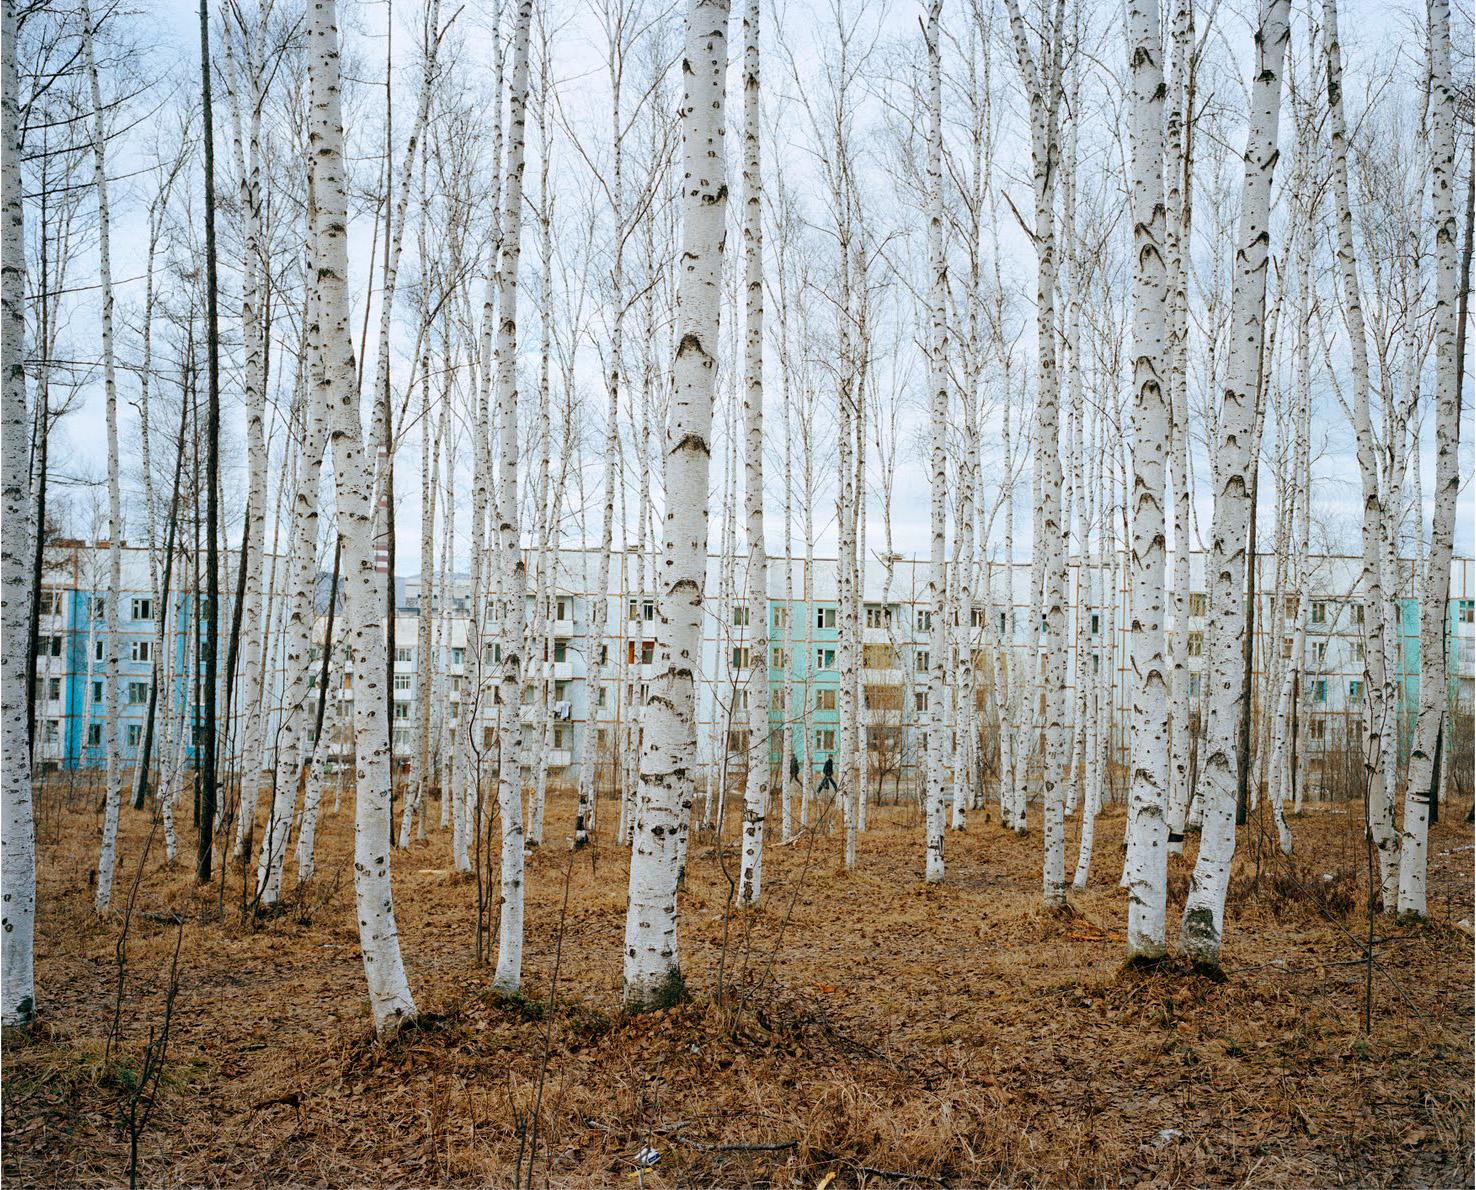 Les paysages de russie d 39 alexander gronsky for Le paysage